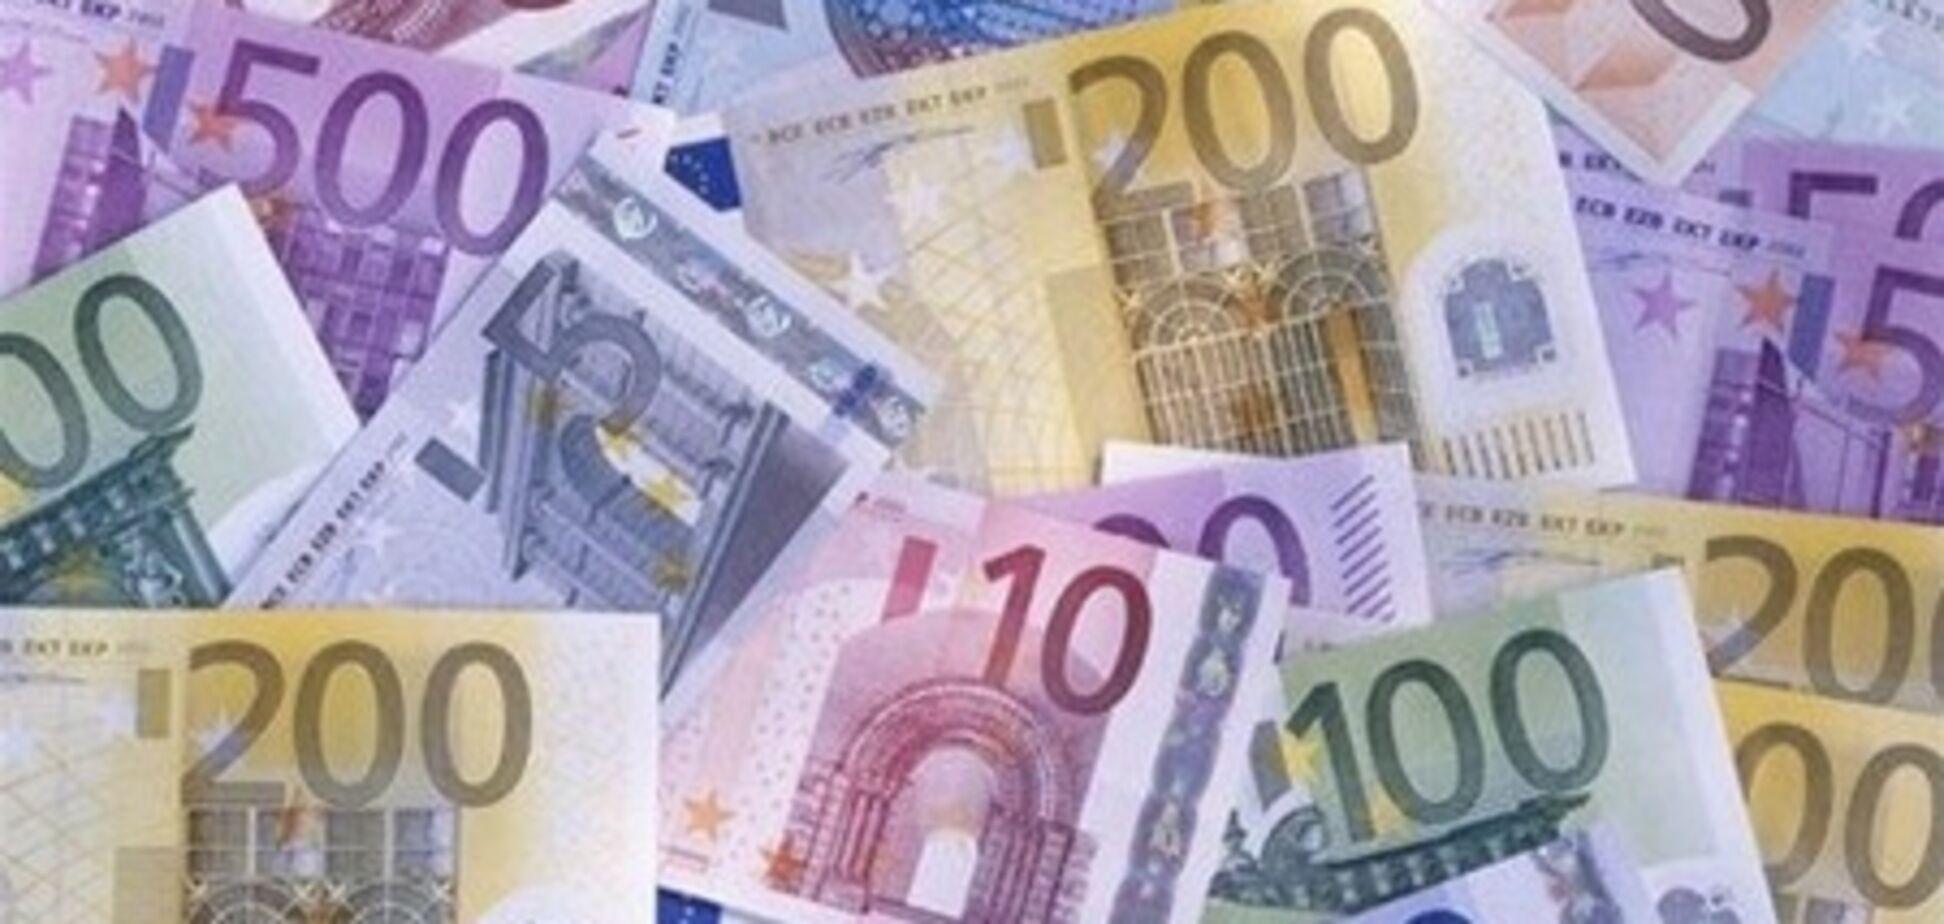 Немецкие инкассаторы потеряли по дороге миллион евро